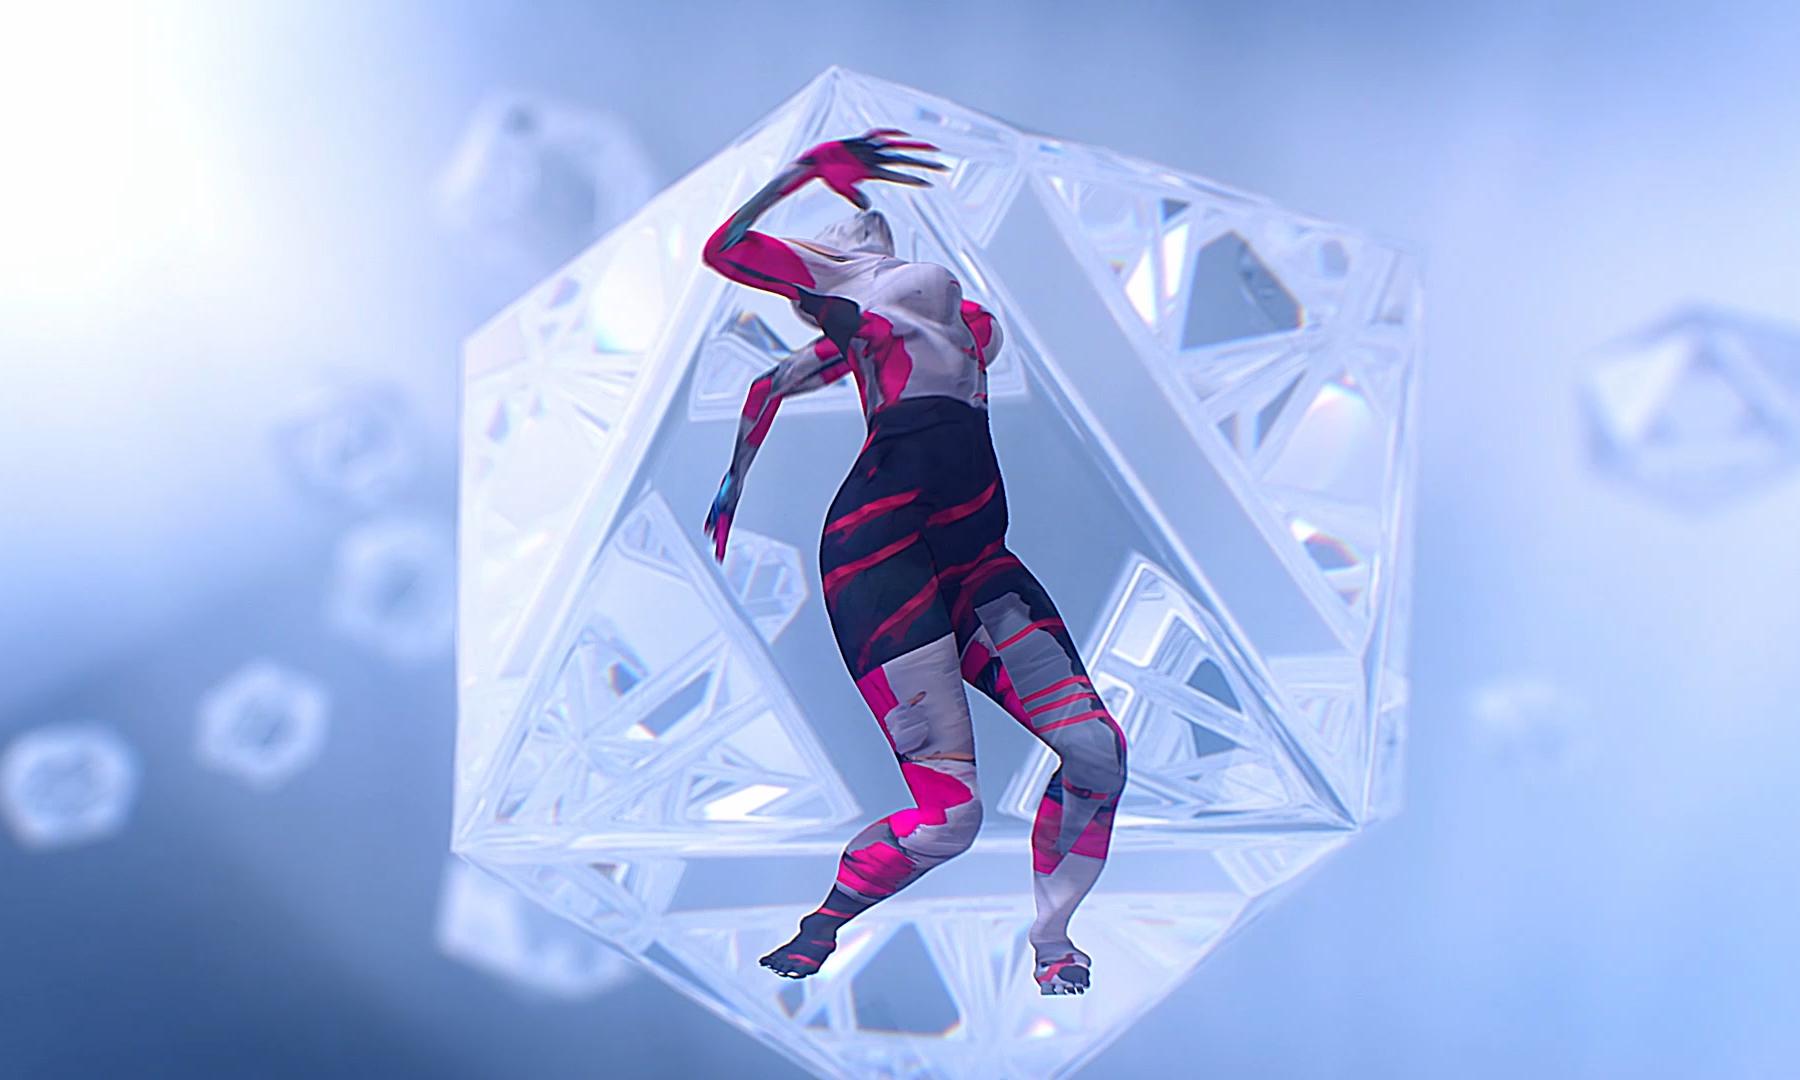 「冬日幻境」沉浸式体验呈现 ,adidas 2020 冬季系列新品正式发布